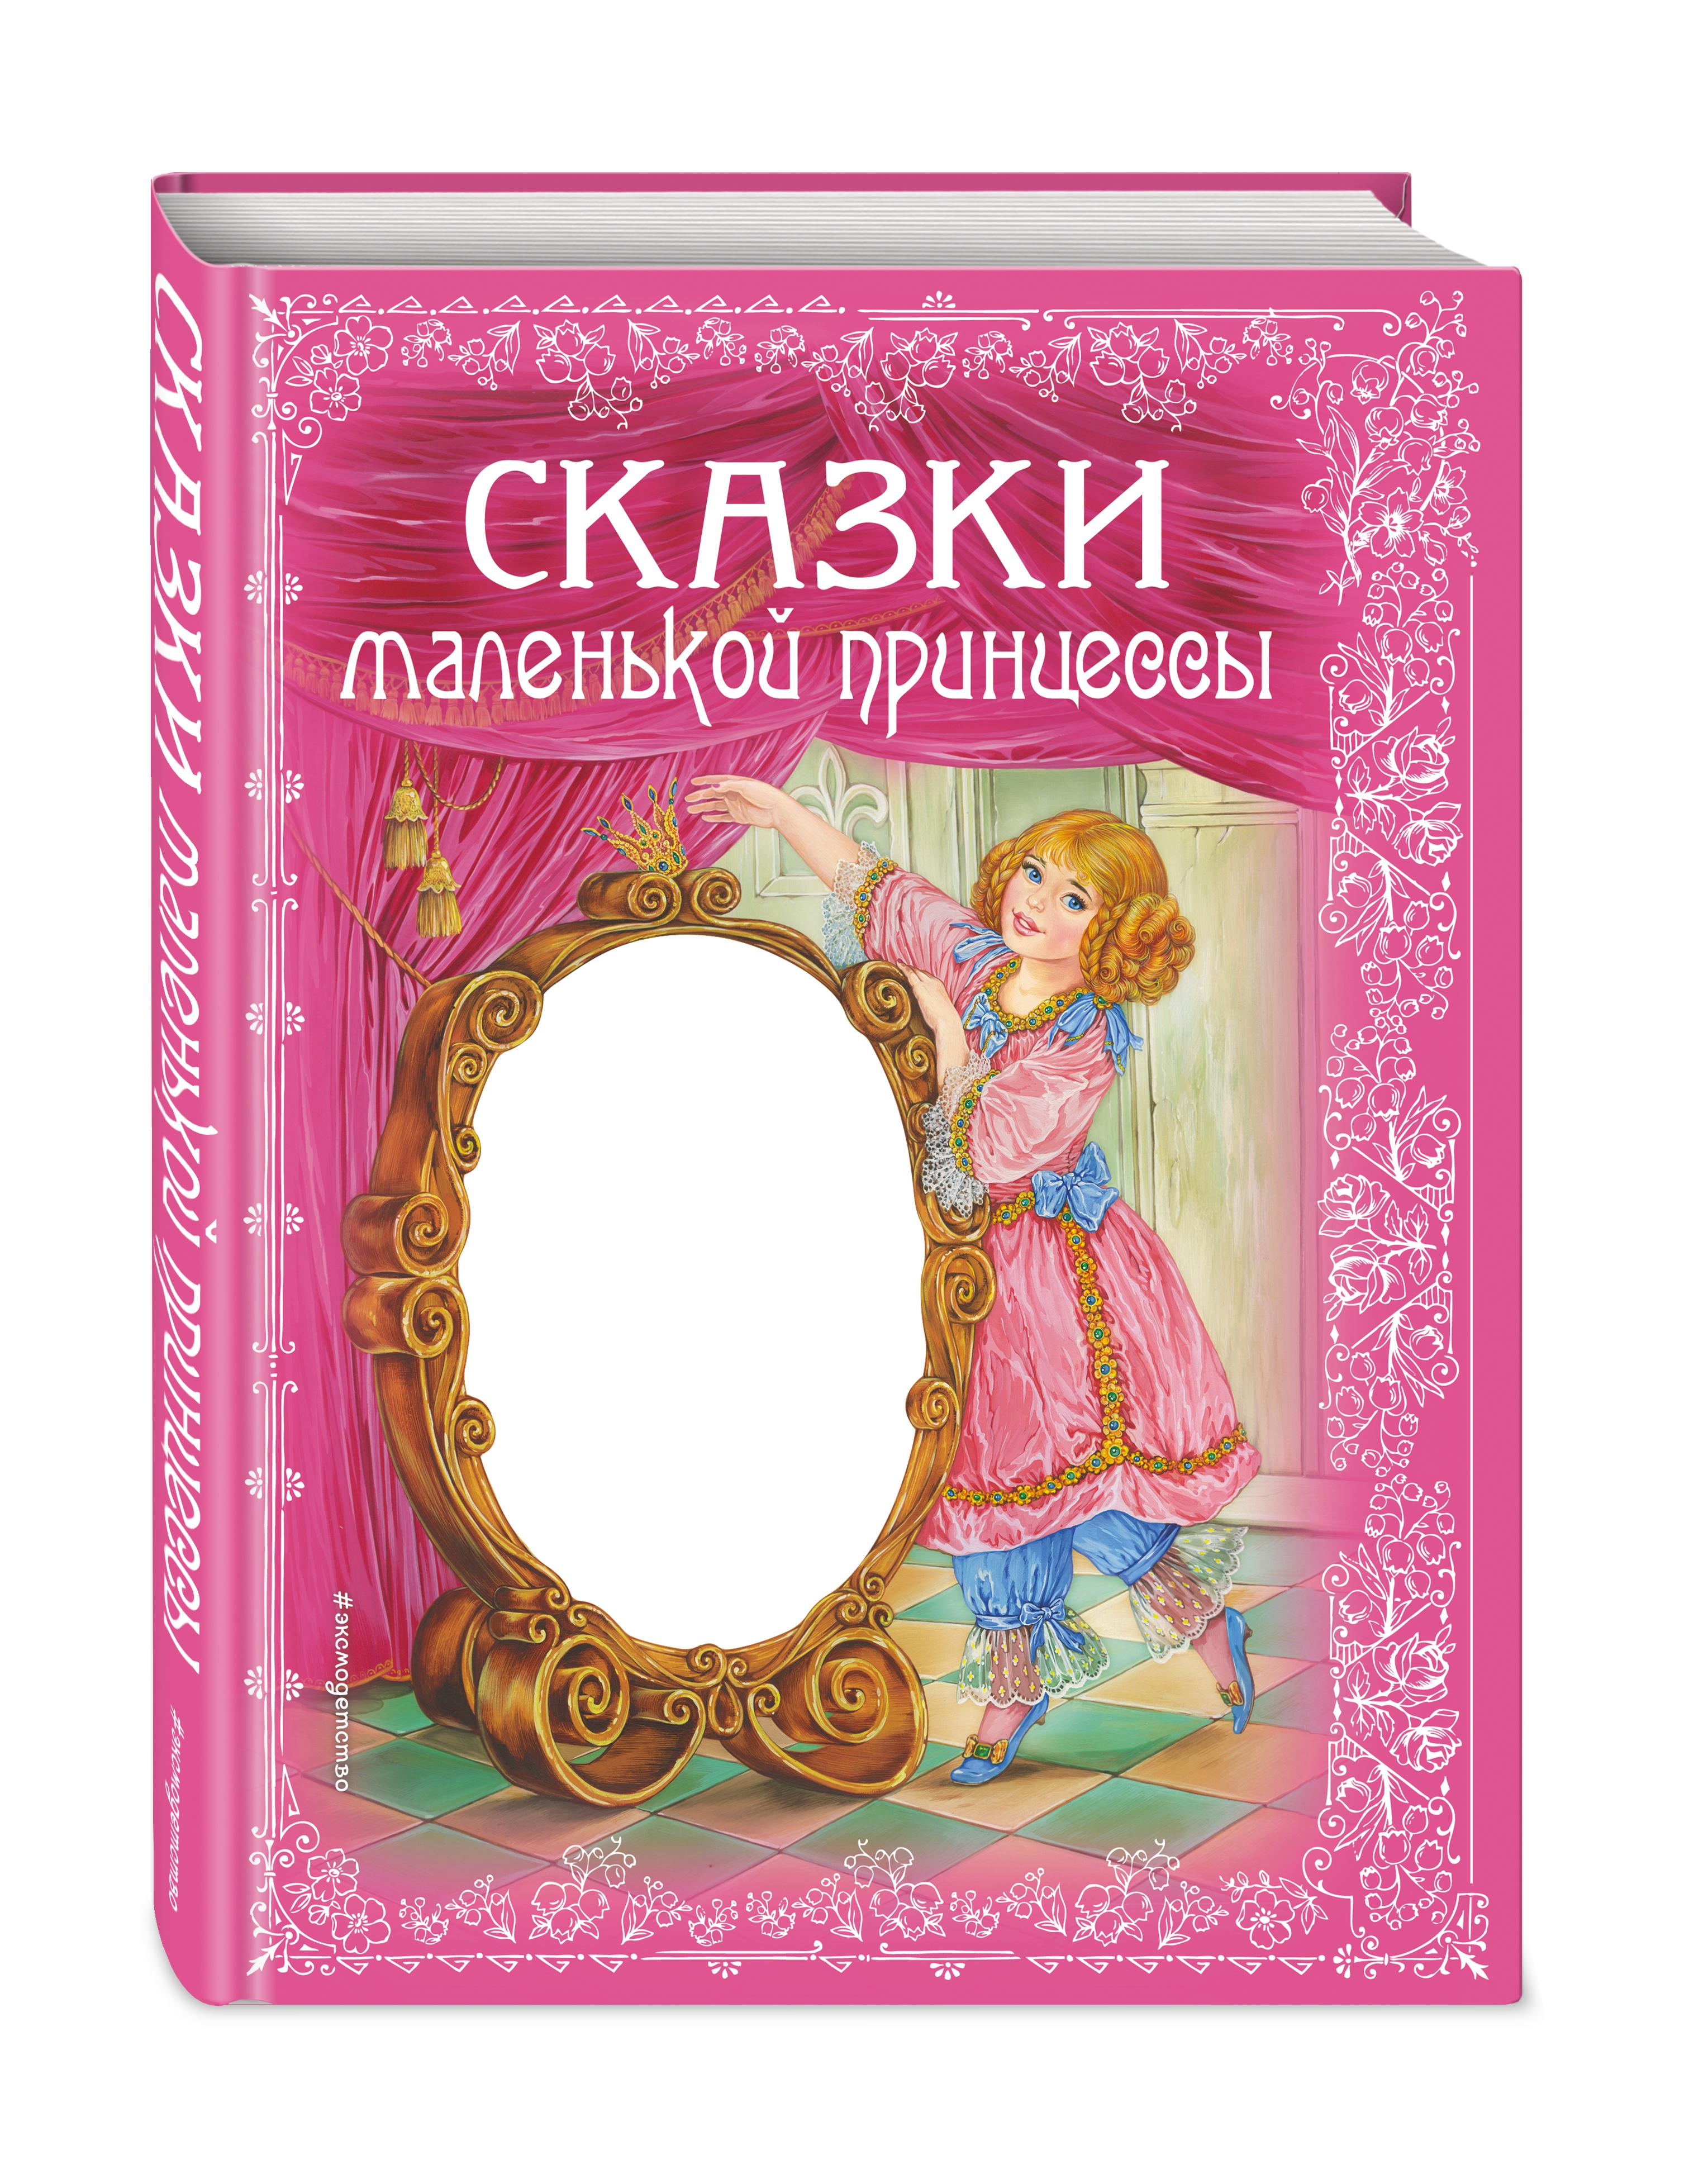 Сказки маленькой принцессы софия де сегюр история принцессы розетты новые волшебные сказки для маленьких детей